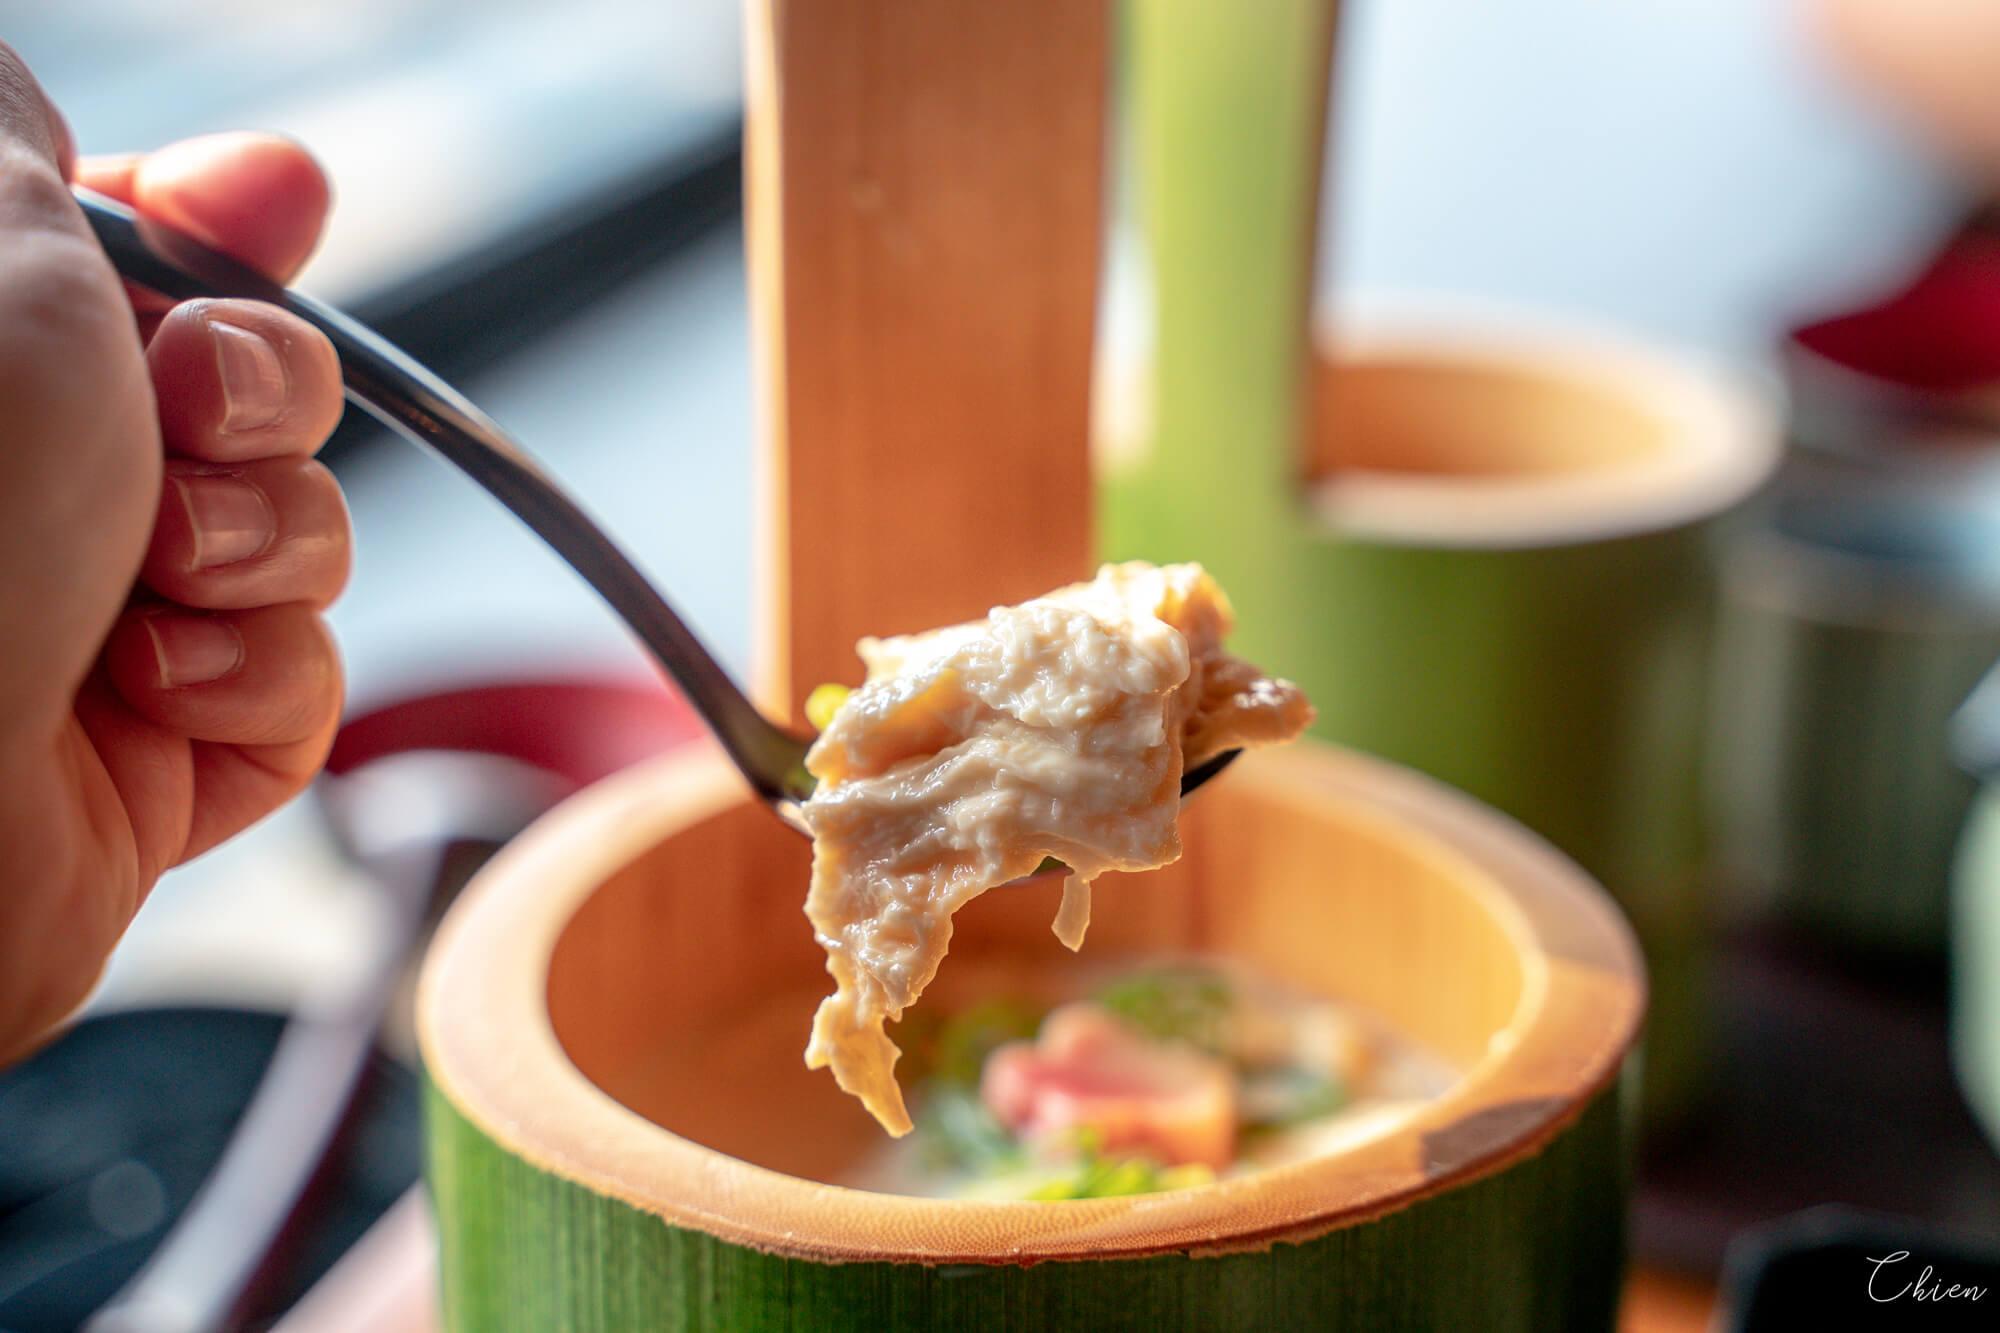 京都嵐山美食「嵯峨とうふ 稲」 湯葉